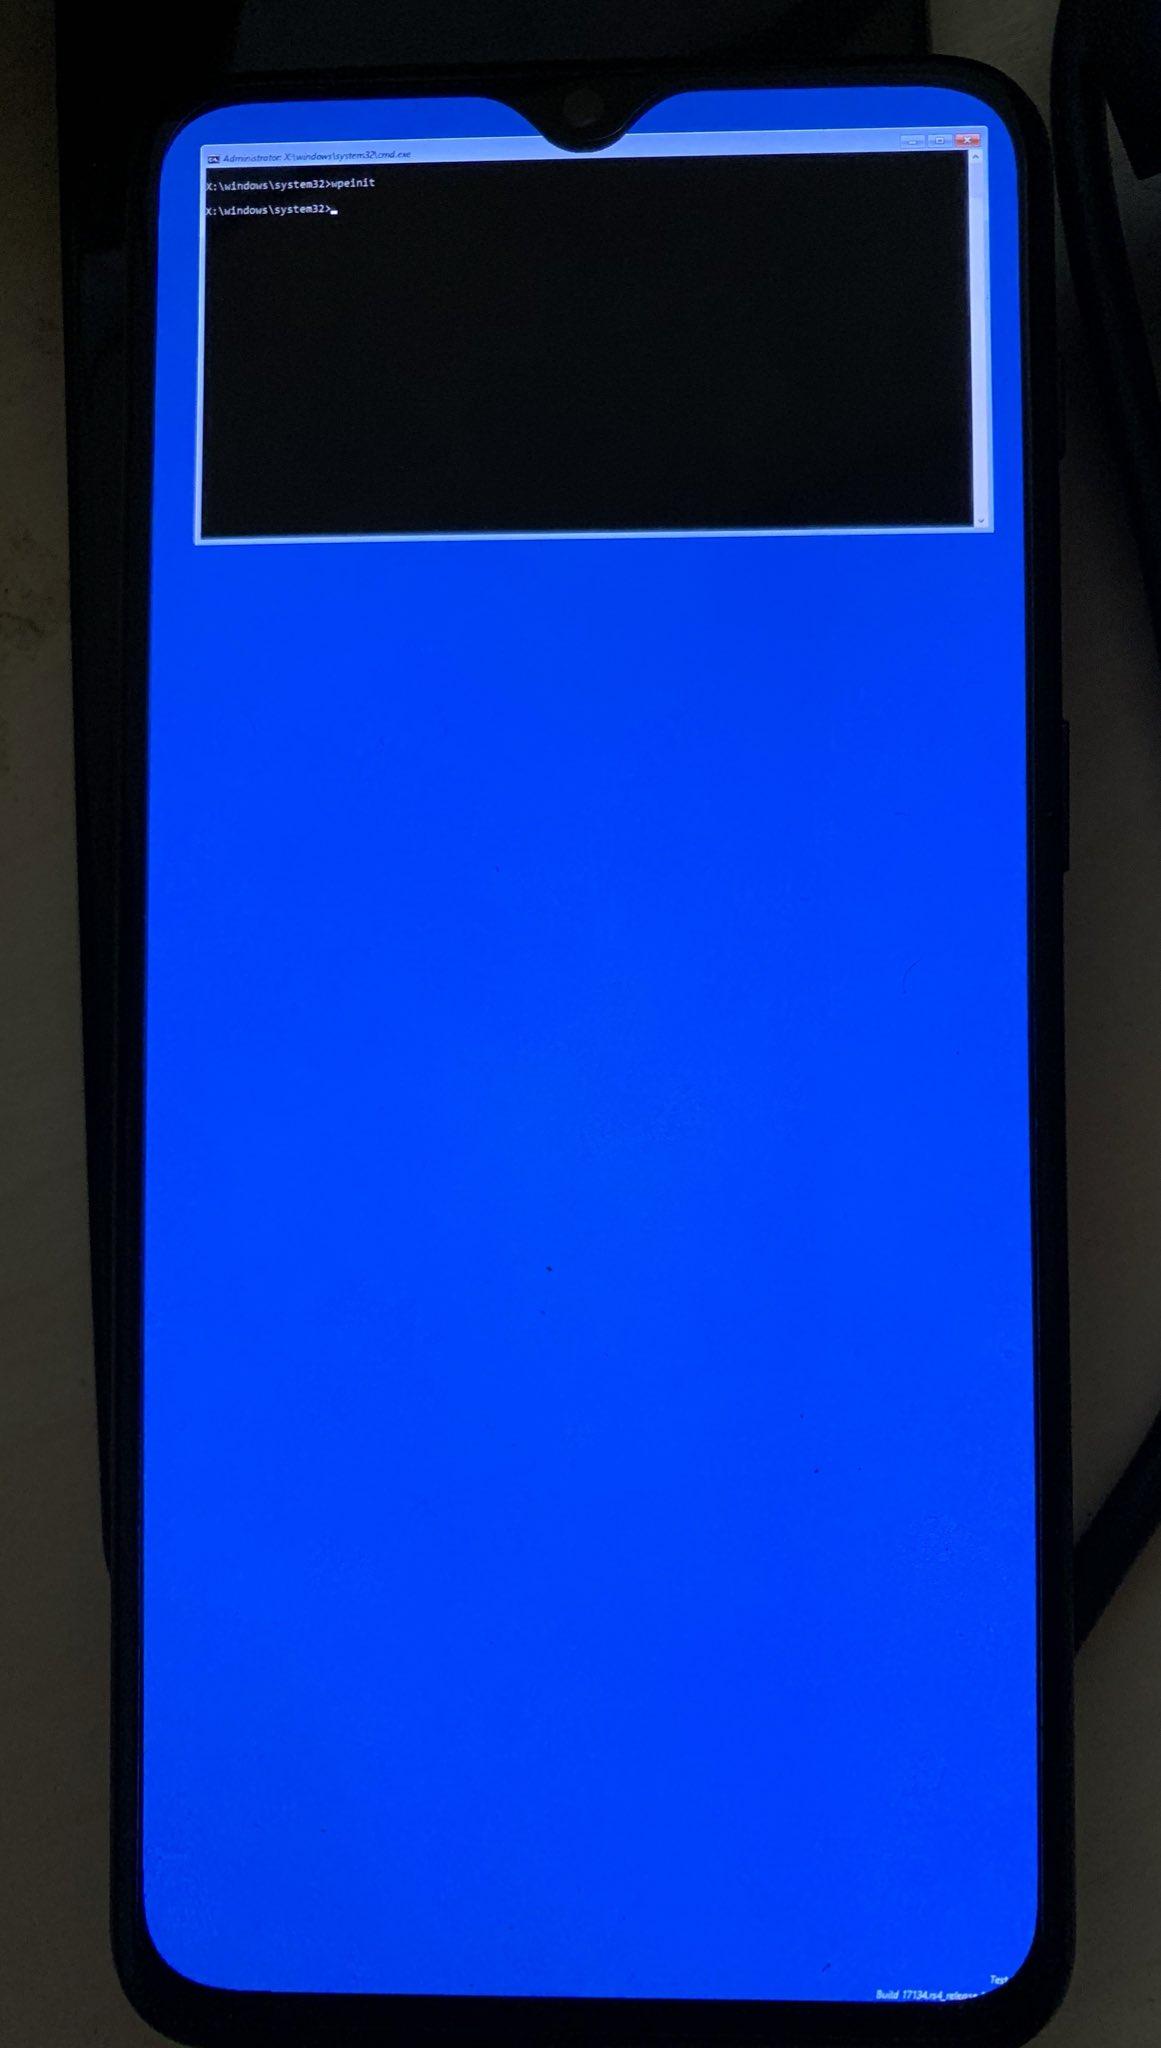 windows 10 mobile wallpaper full hd